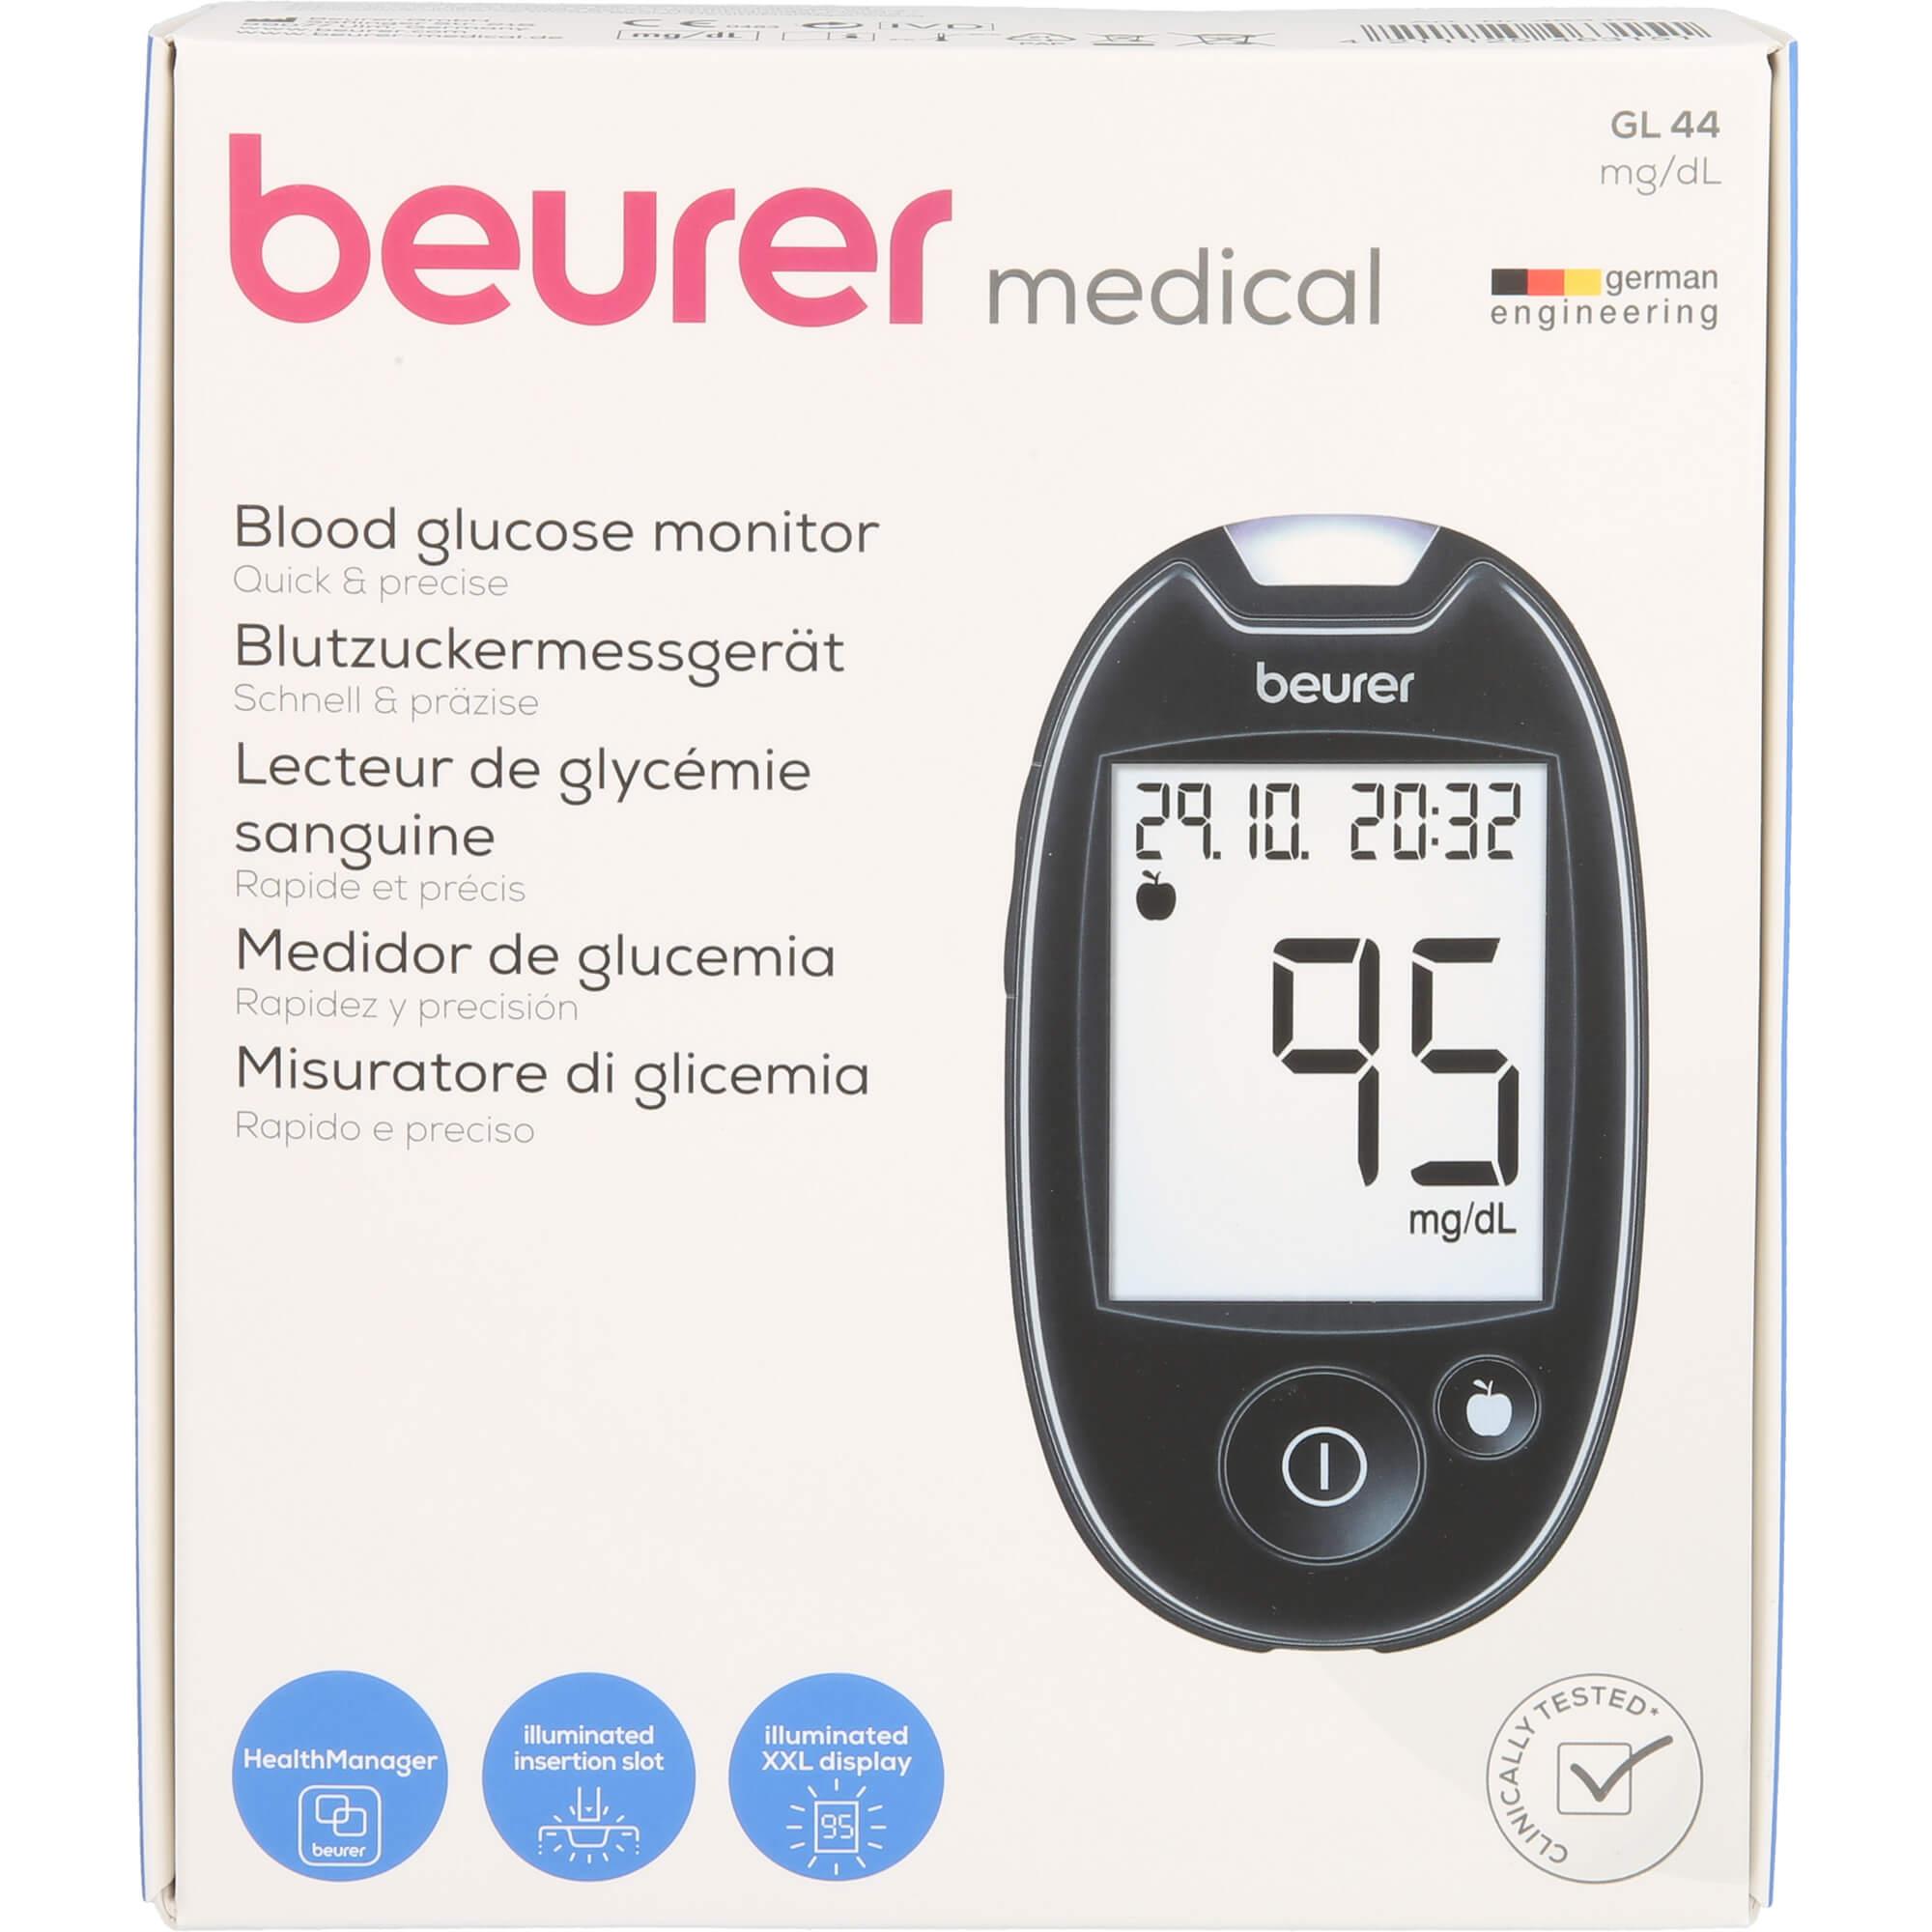 BEURER-GL44-Blutzuckermessgeraet-mg-dl